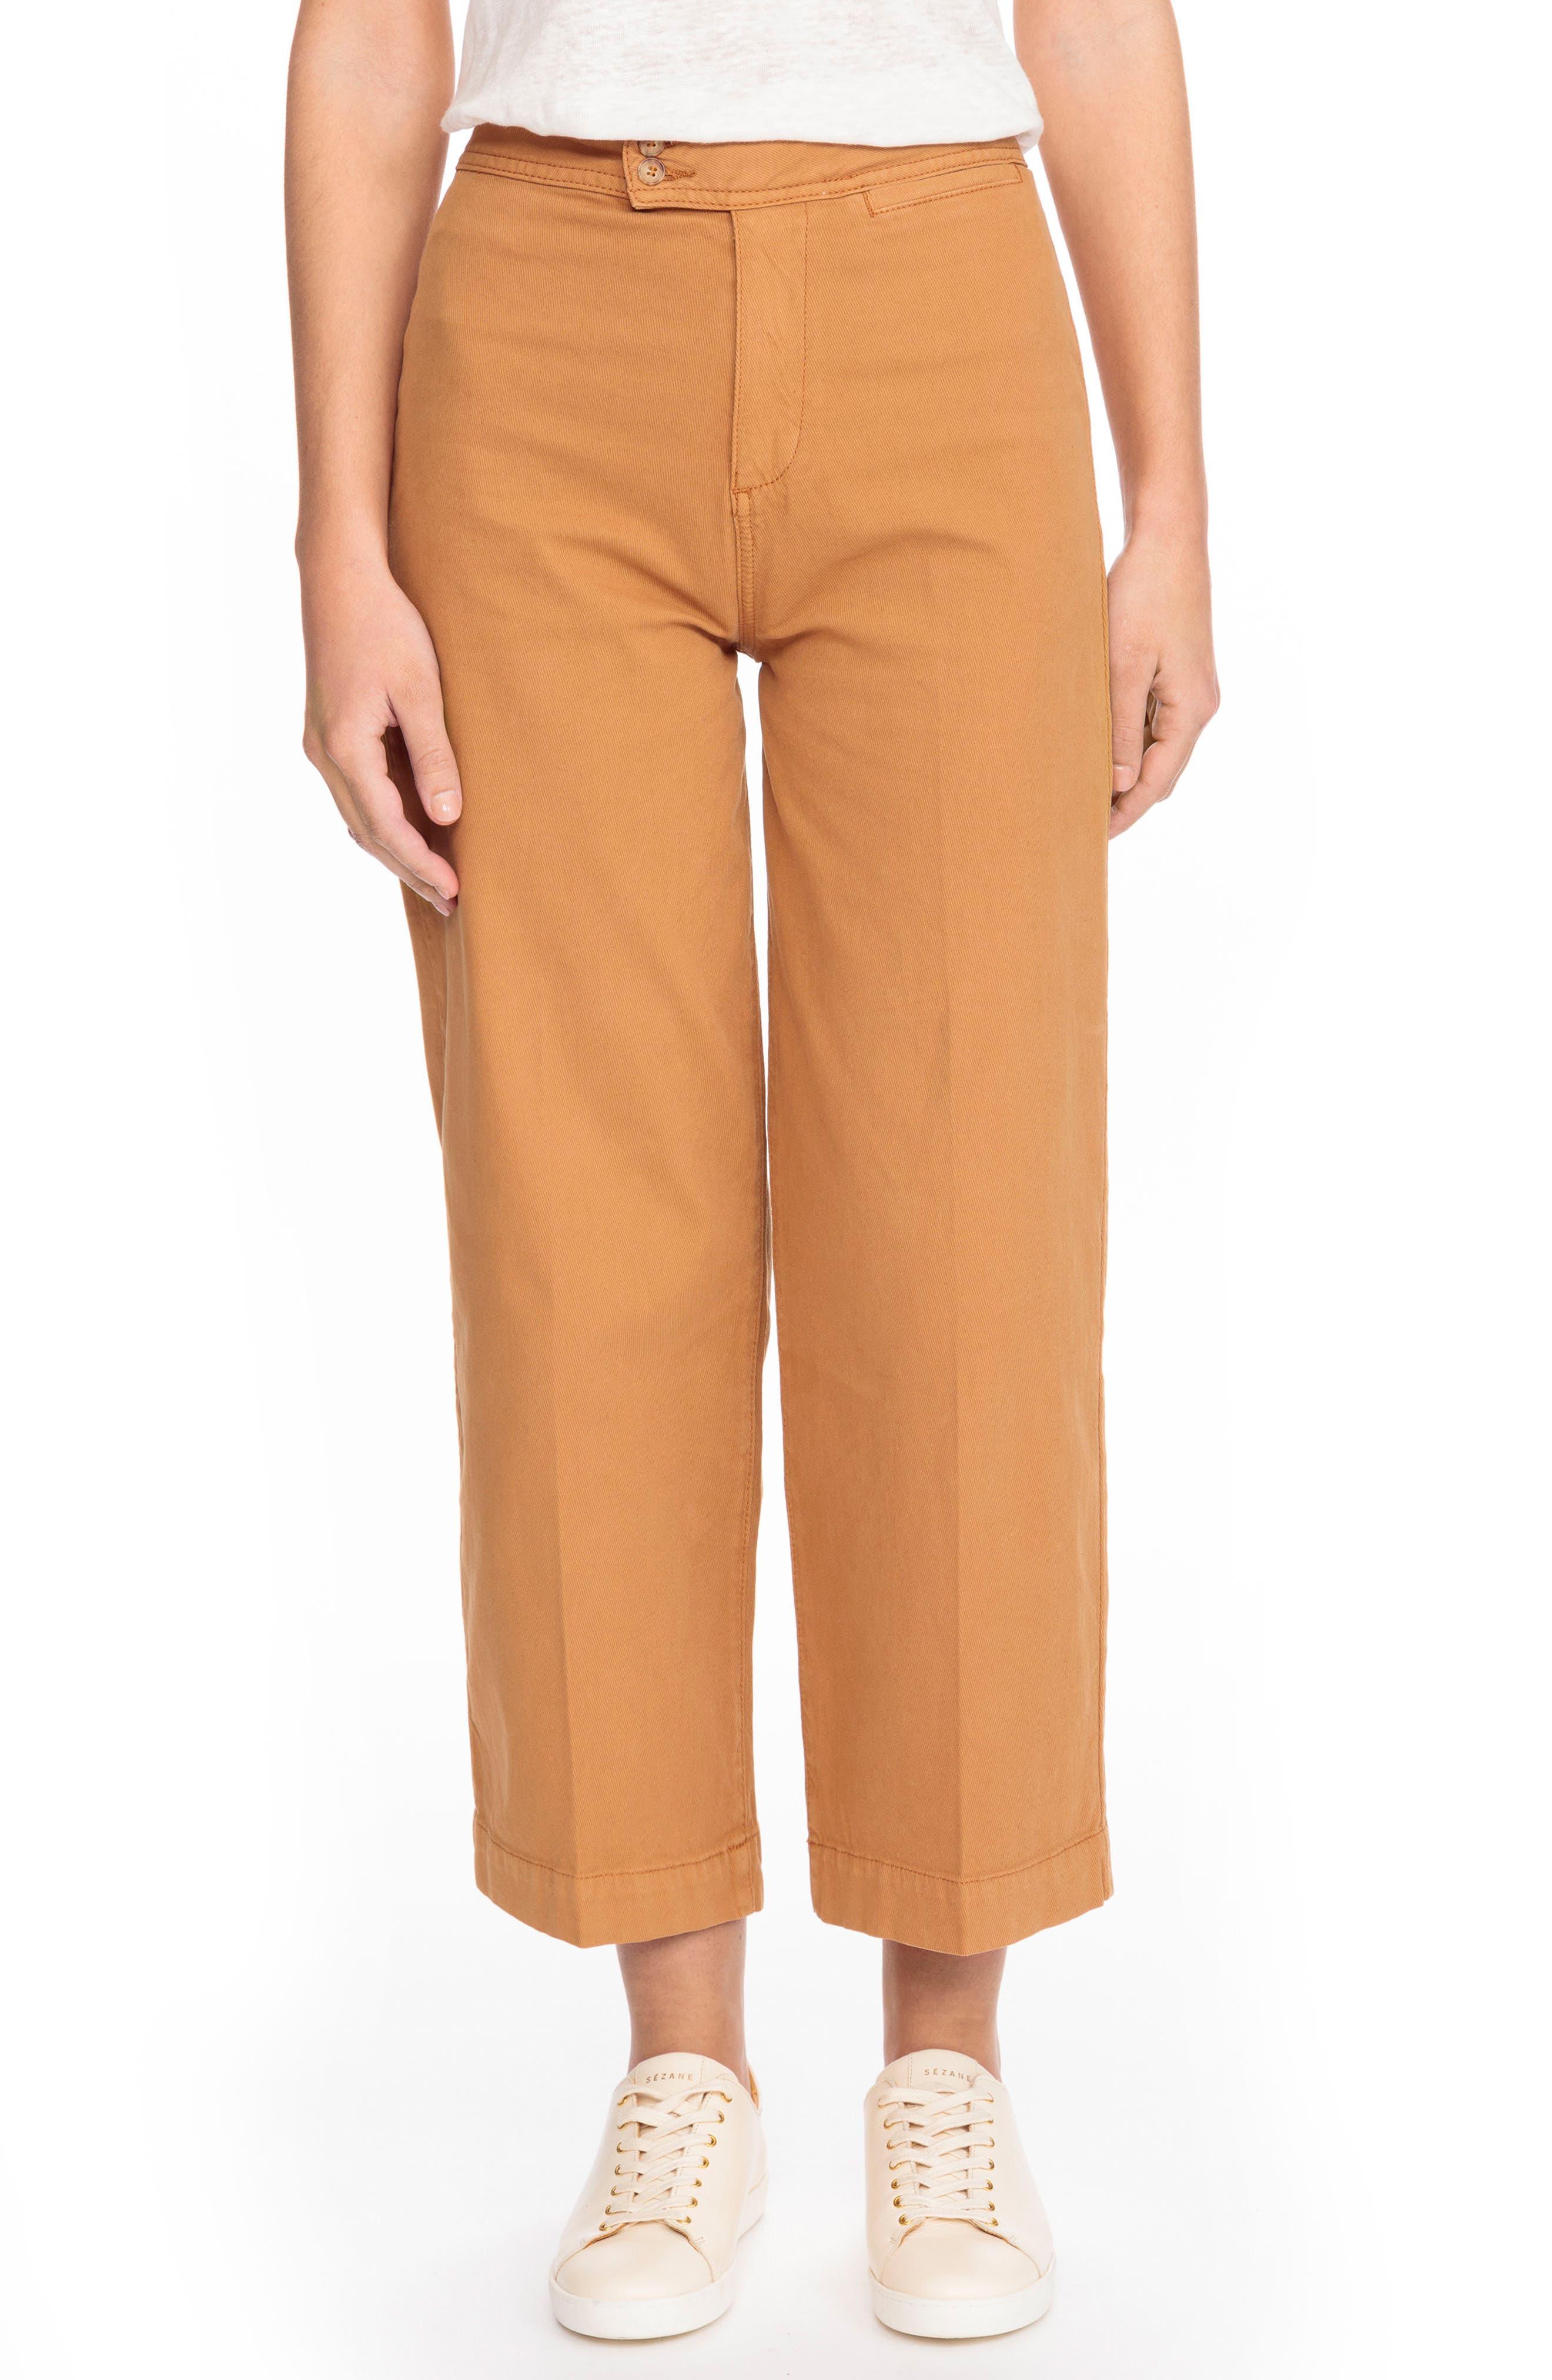 June Crop Pants,                         Main,                         color, Ocre